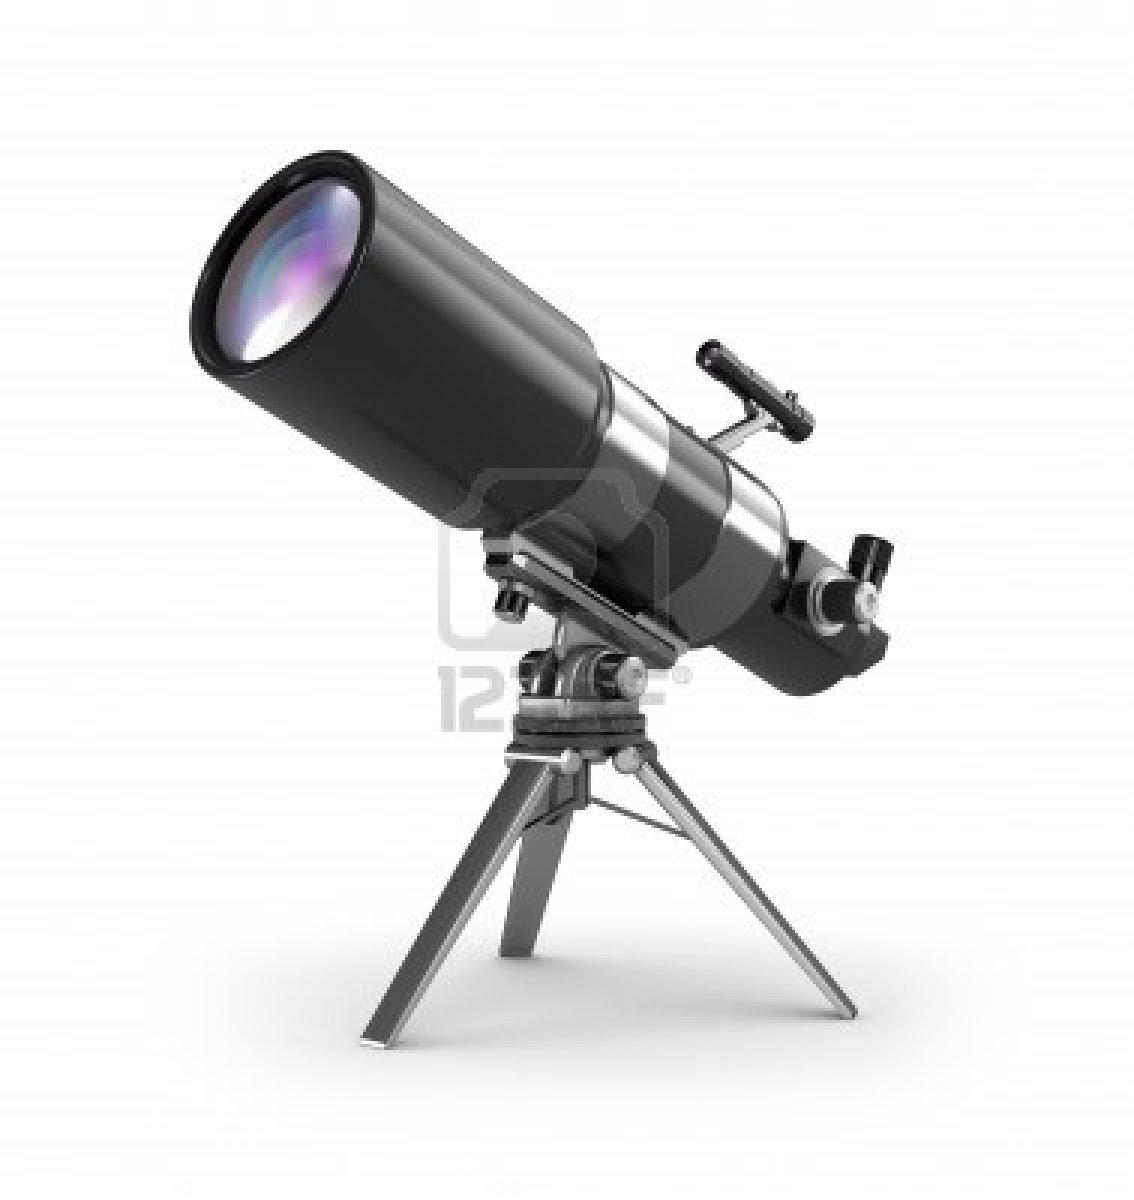 التلسكوب و الميكروسكوب و الفرق بينهما البصريات السهلة